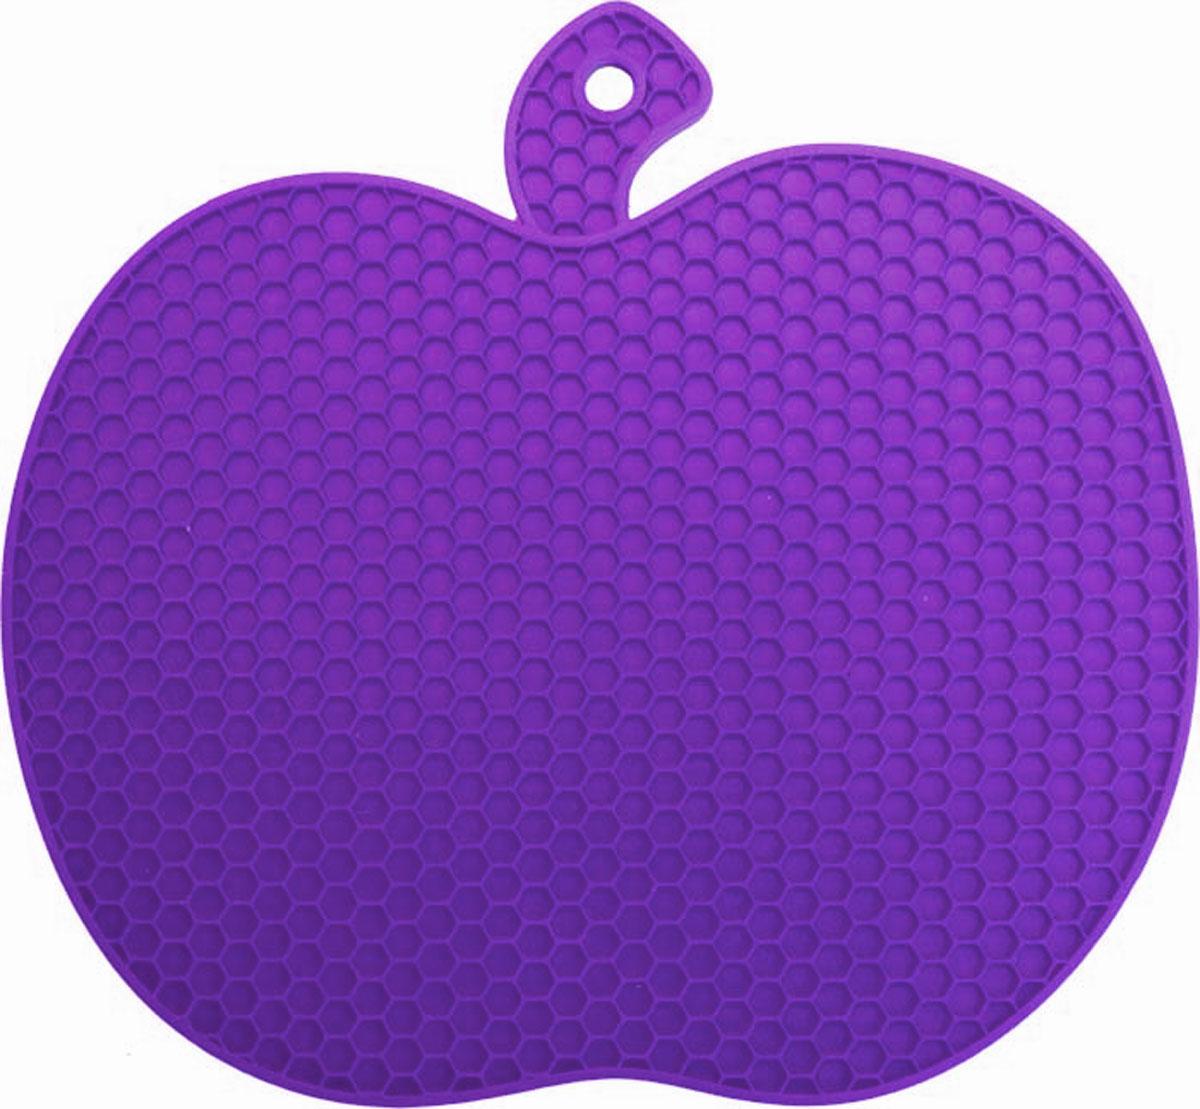 Подставка под горячее Marmiton Яблоко, силиконовая, цвет: фиолетовый, 19 х 18 х 0,6 см12134_фиолетовыйПодставка под горячее Marmiton Яблоко станет забавным украшением вашей кухни. Подставка изготовлена из силикона, что позволяет ей выдерживать высокие температуры и не поцарапать поверхность стола. Силикон устойчив к фруктовым кислотам, обладает естественным антипригарным свойством Такая подставка придется по вкусу человеку, ценящему практичные и оригинальные вещи. Можно мыть и сушить в посудомоечной машине. Размер подставки: 19 х 18 х 0,6 см.